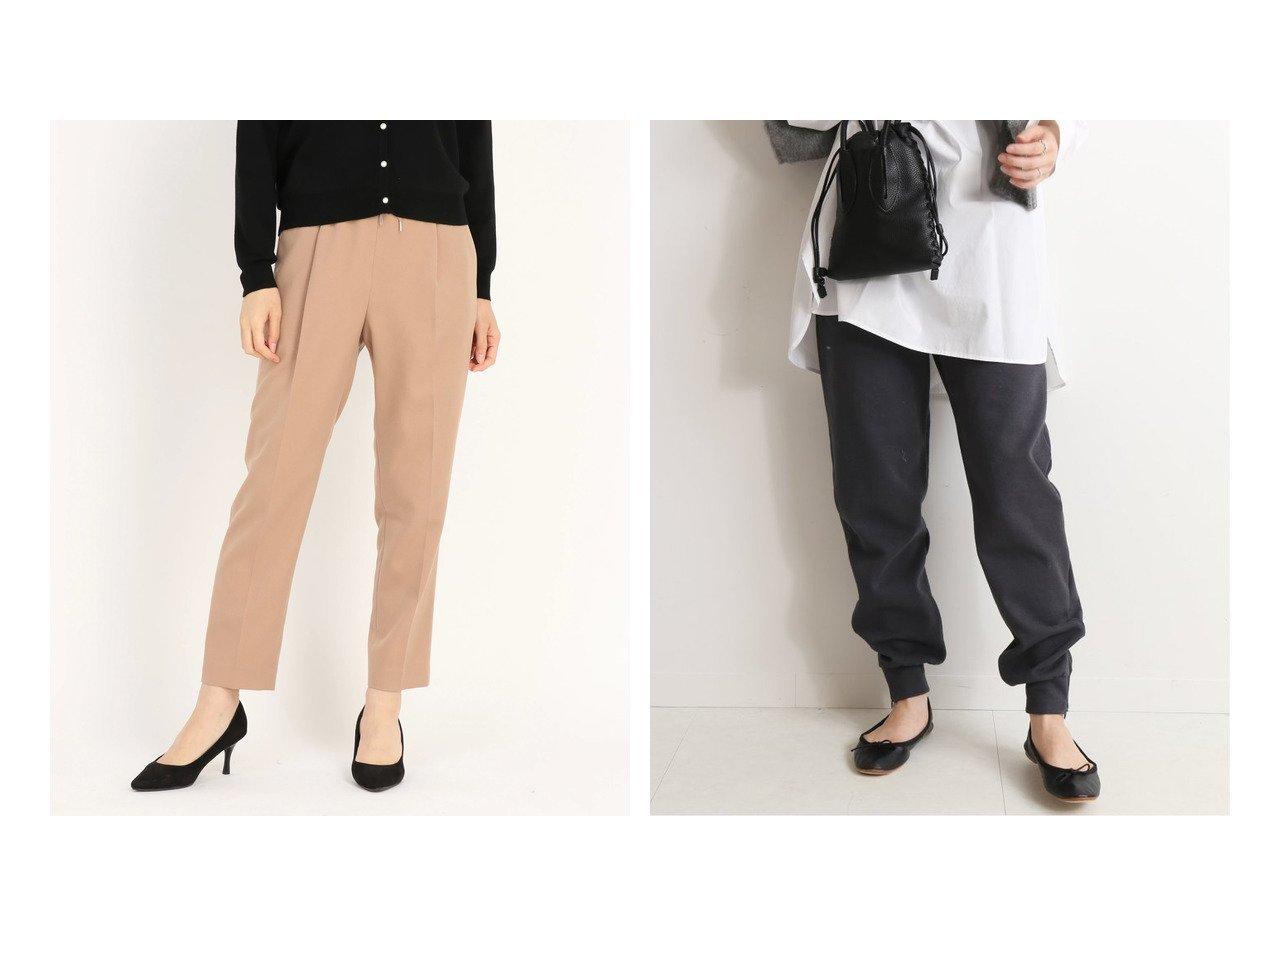 【SLOBE IENA/スローブ イエナ】のラチネジャージージョガーパンツ&【STRAWBERRY FIELDS/ストロベリーフィールズ】のプルックツイル パンツ パンツのおすすめ!人気トレンド・レディースファッションの通販  おすすめで人気の流行・トレンド、ファッションの通販商品 メンズファッション・キッズファッション・インテリア・家具・レディースファッション・服の通販 founy(ファニー) https://founy.com/ ファッション Fashion レディースファッション WOMEN パンツ Pants リブニット A/W 秋冬 Autumn &  Winter ロング |ID:crp329100000009034